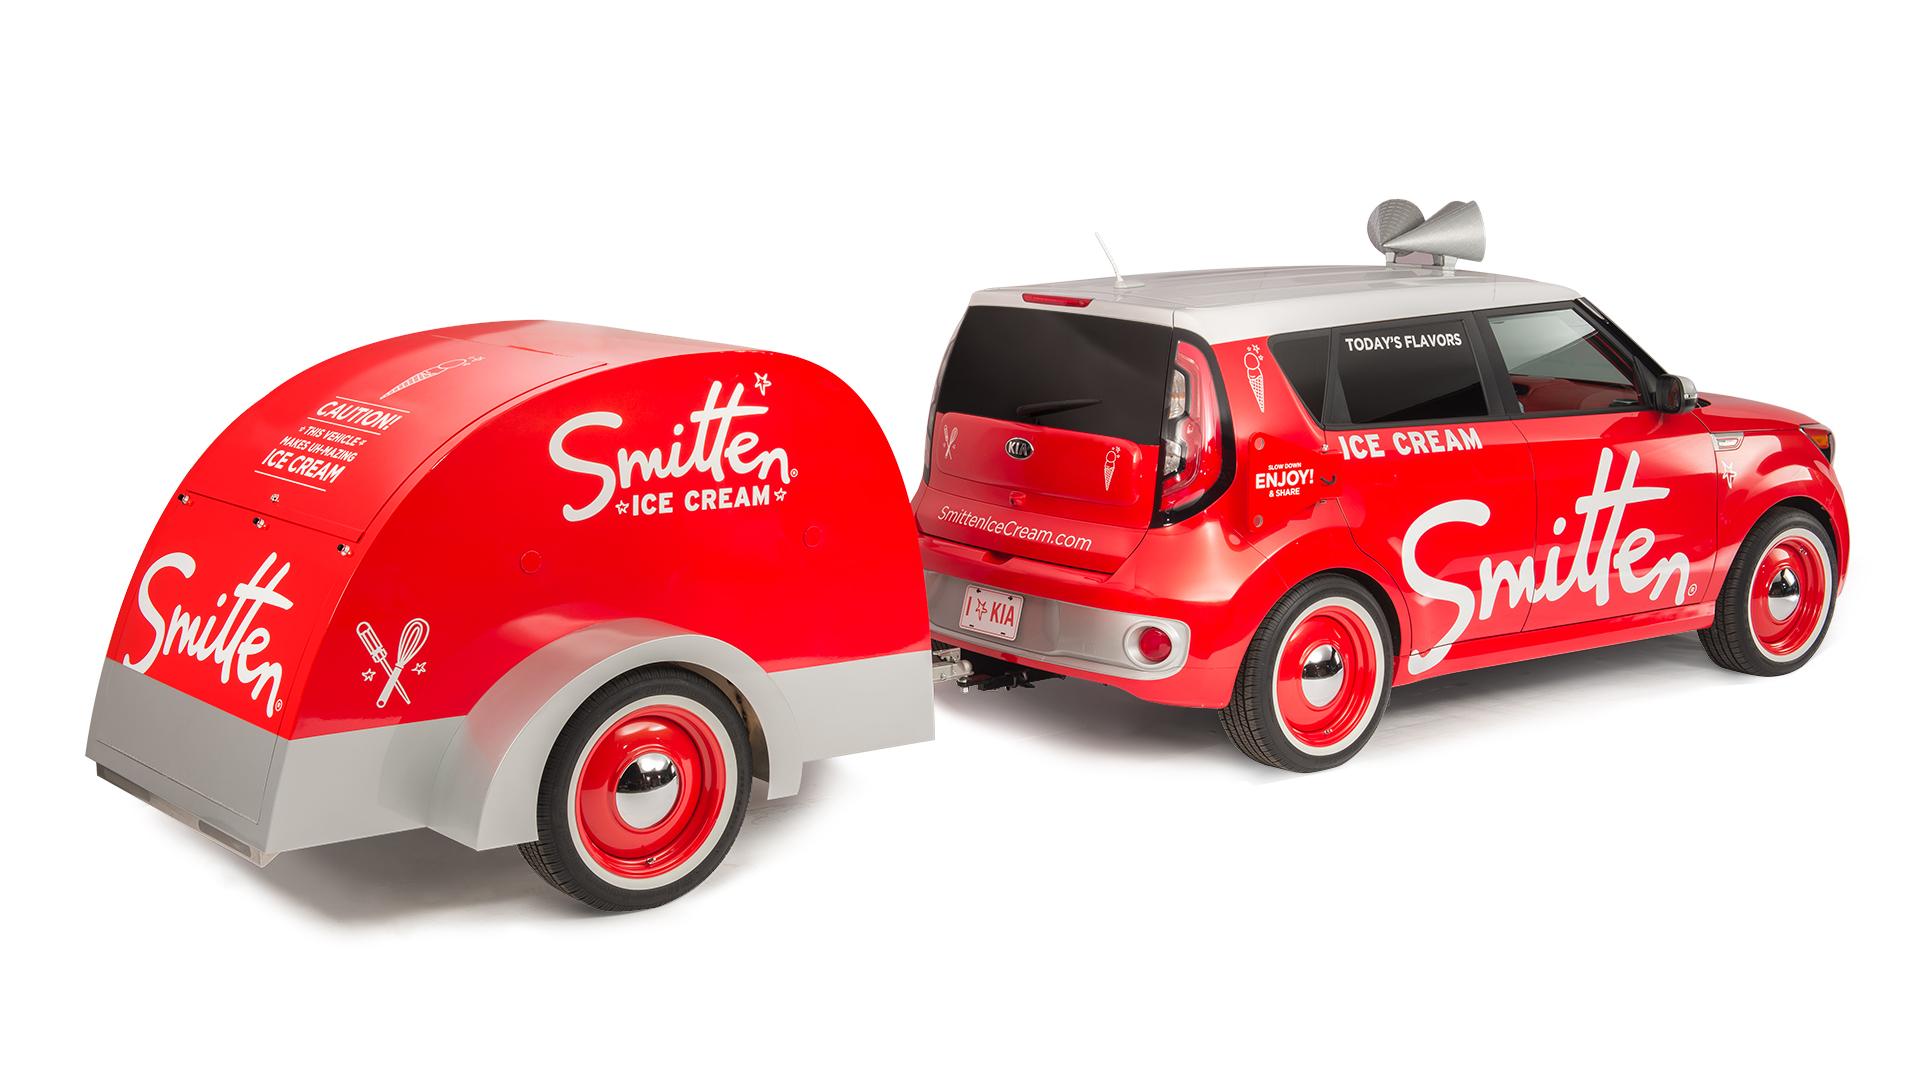 Smitten Ice Cream Smitten Concept Car  Gallagher